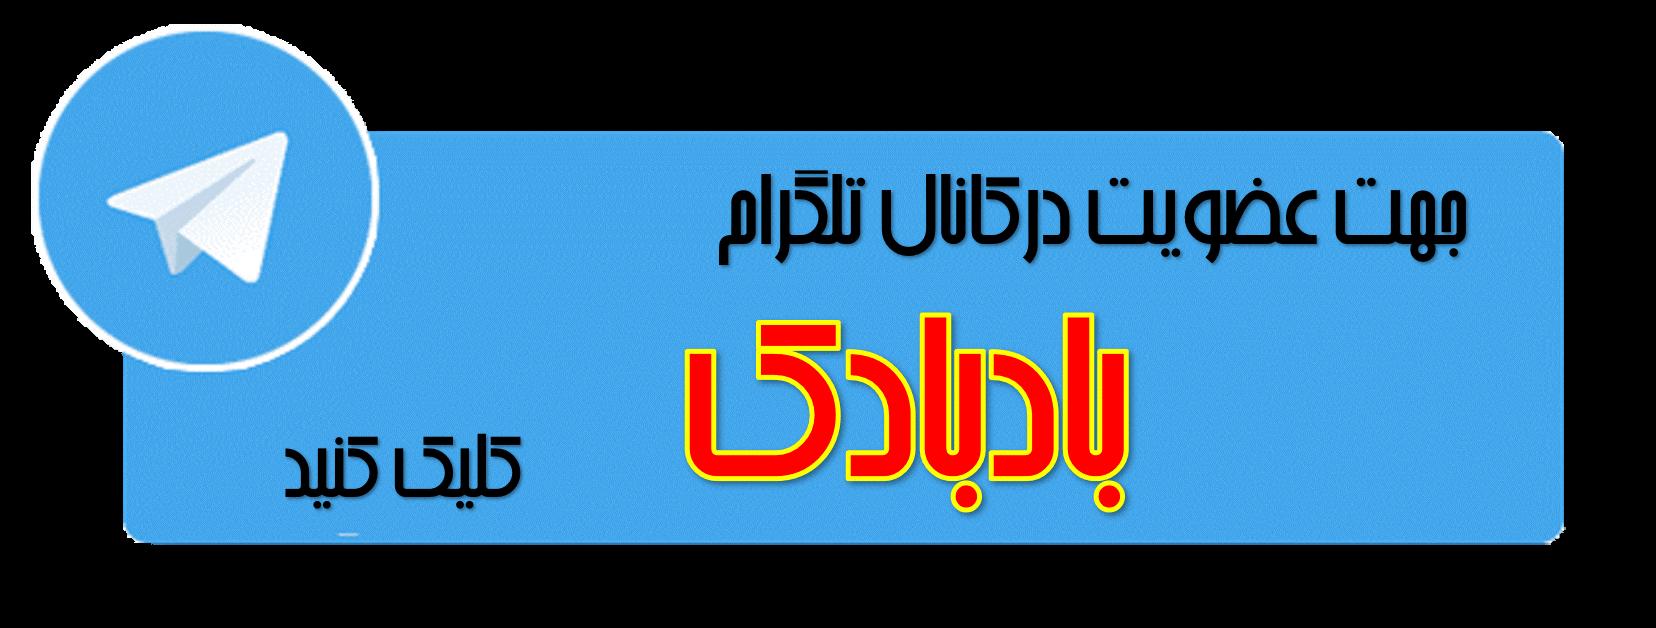 آدرس تلگرام بادبادک